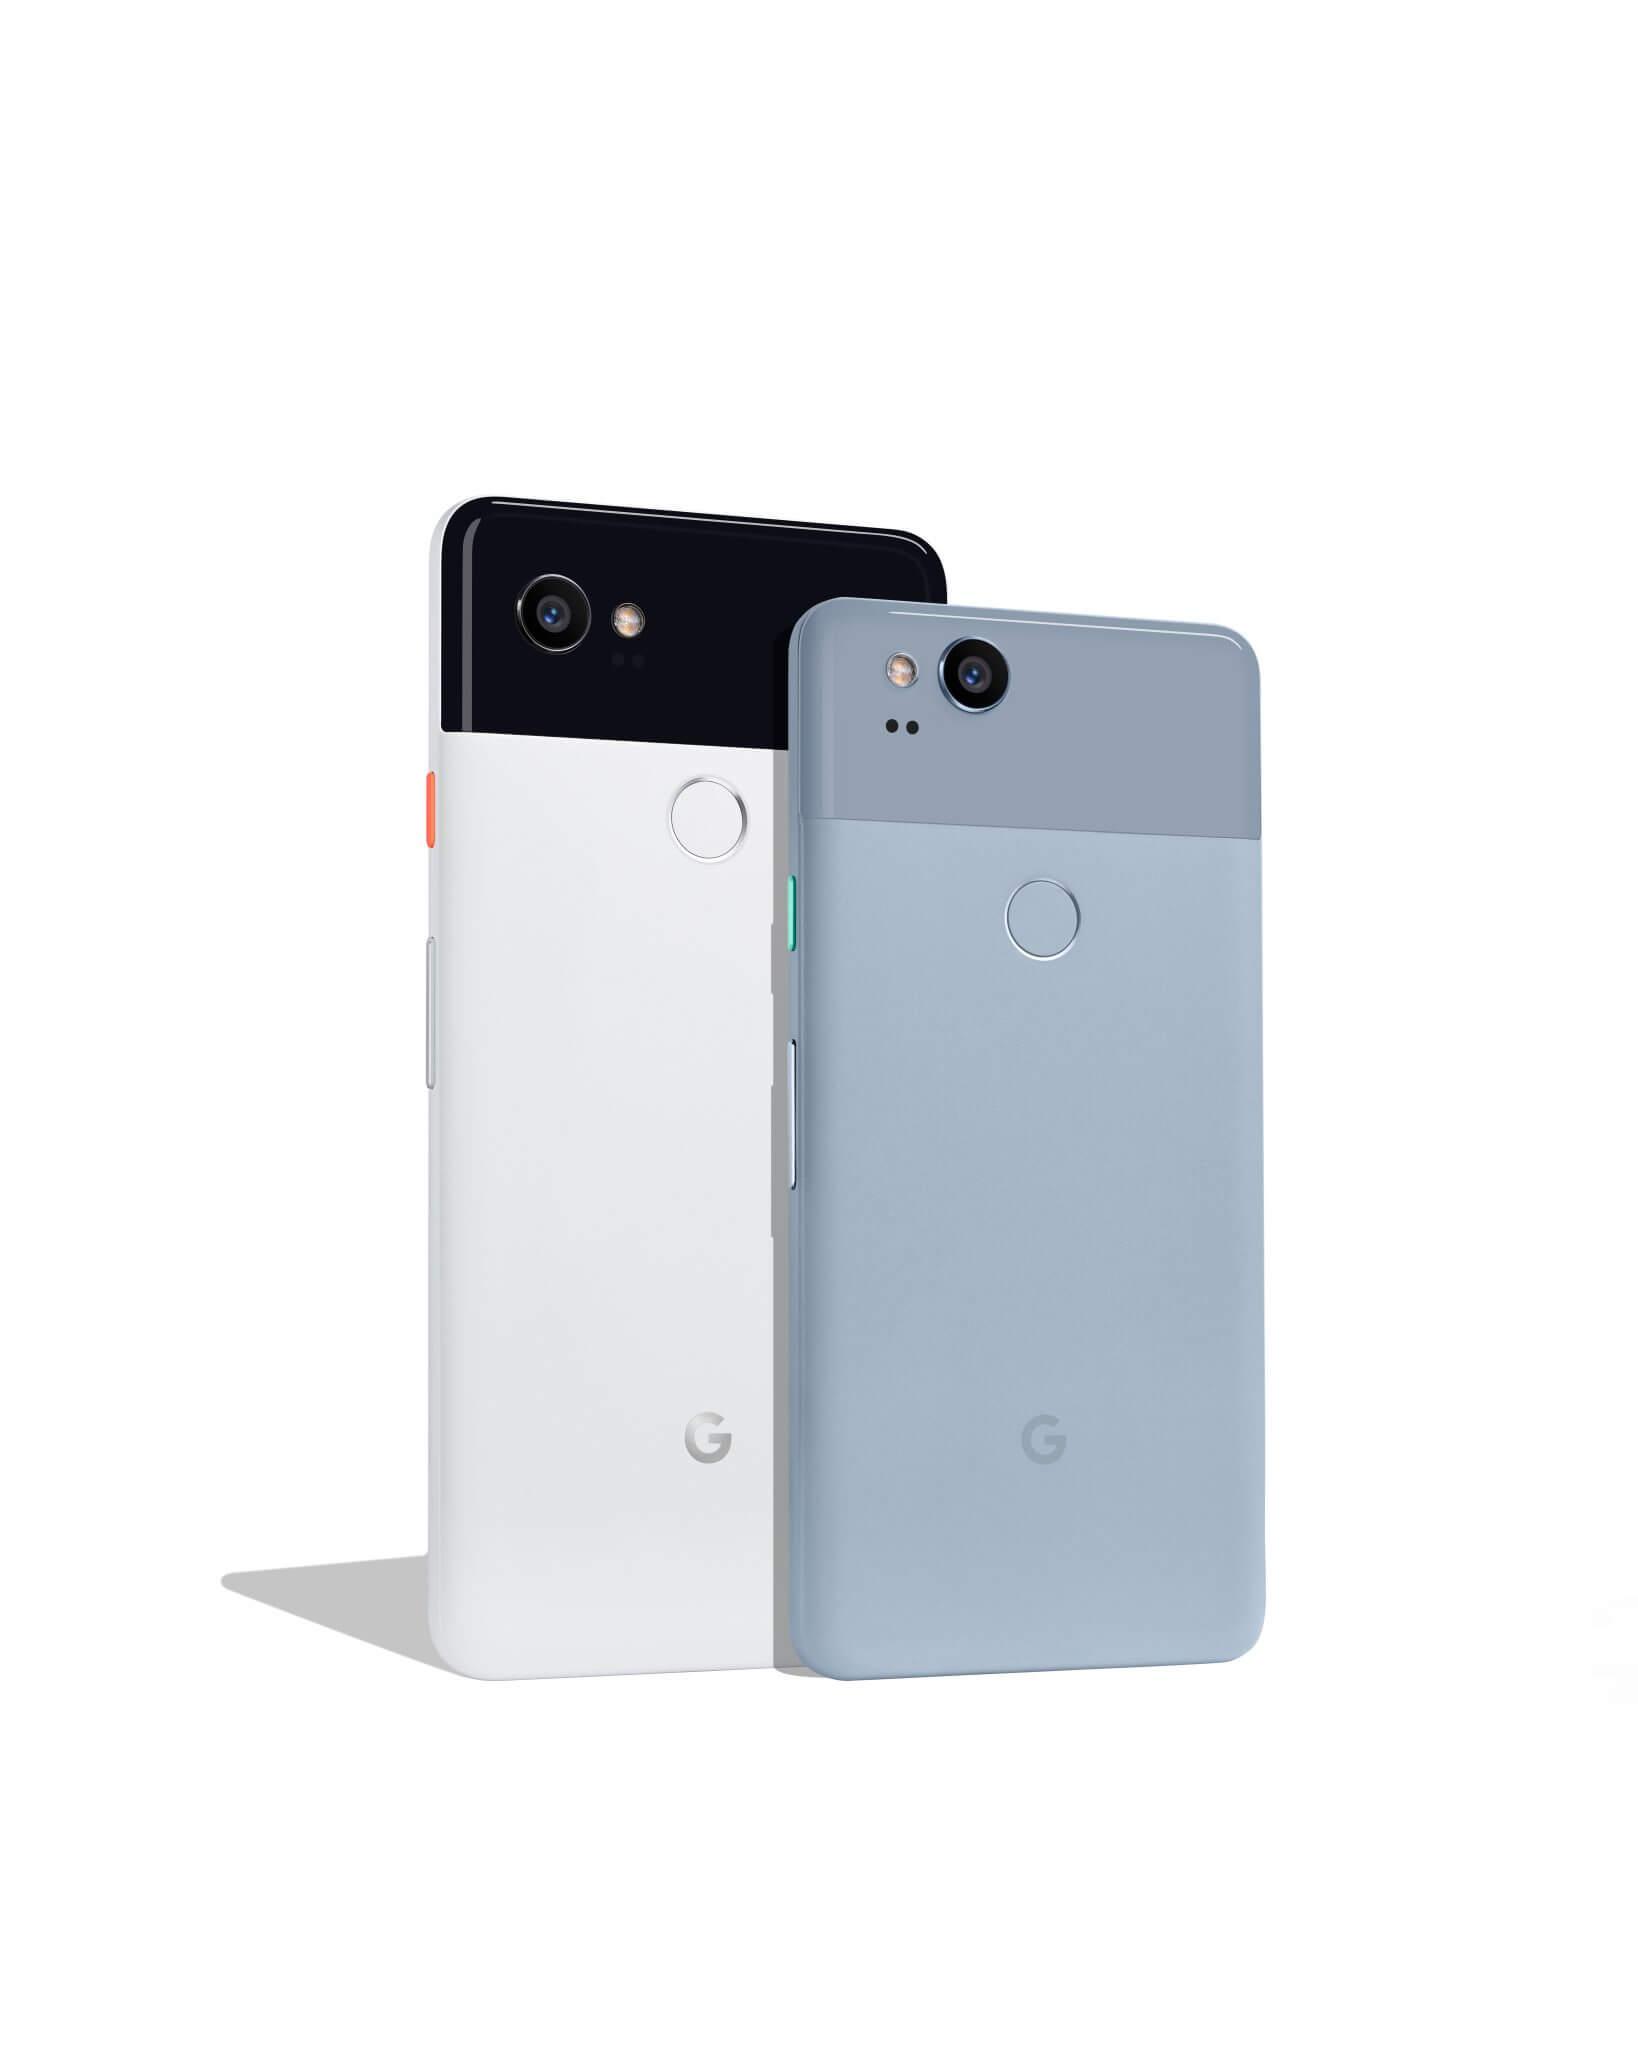 Pixel 2 XL Black  White and Pixel 2 Kinda Blue - Google anuncia Pixel 2 e Pixel 2 XL; confira os detalhes